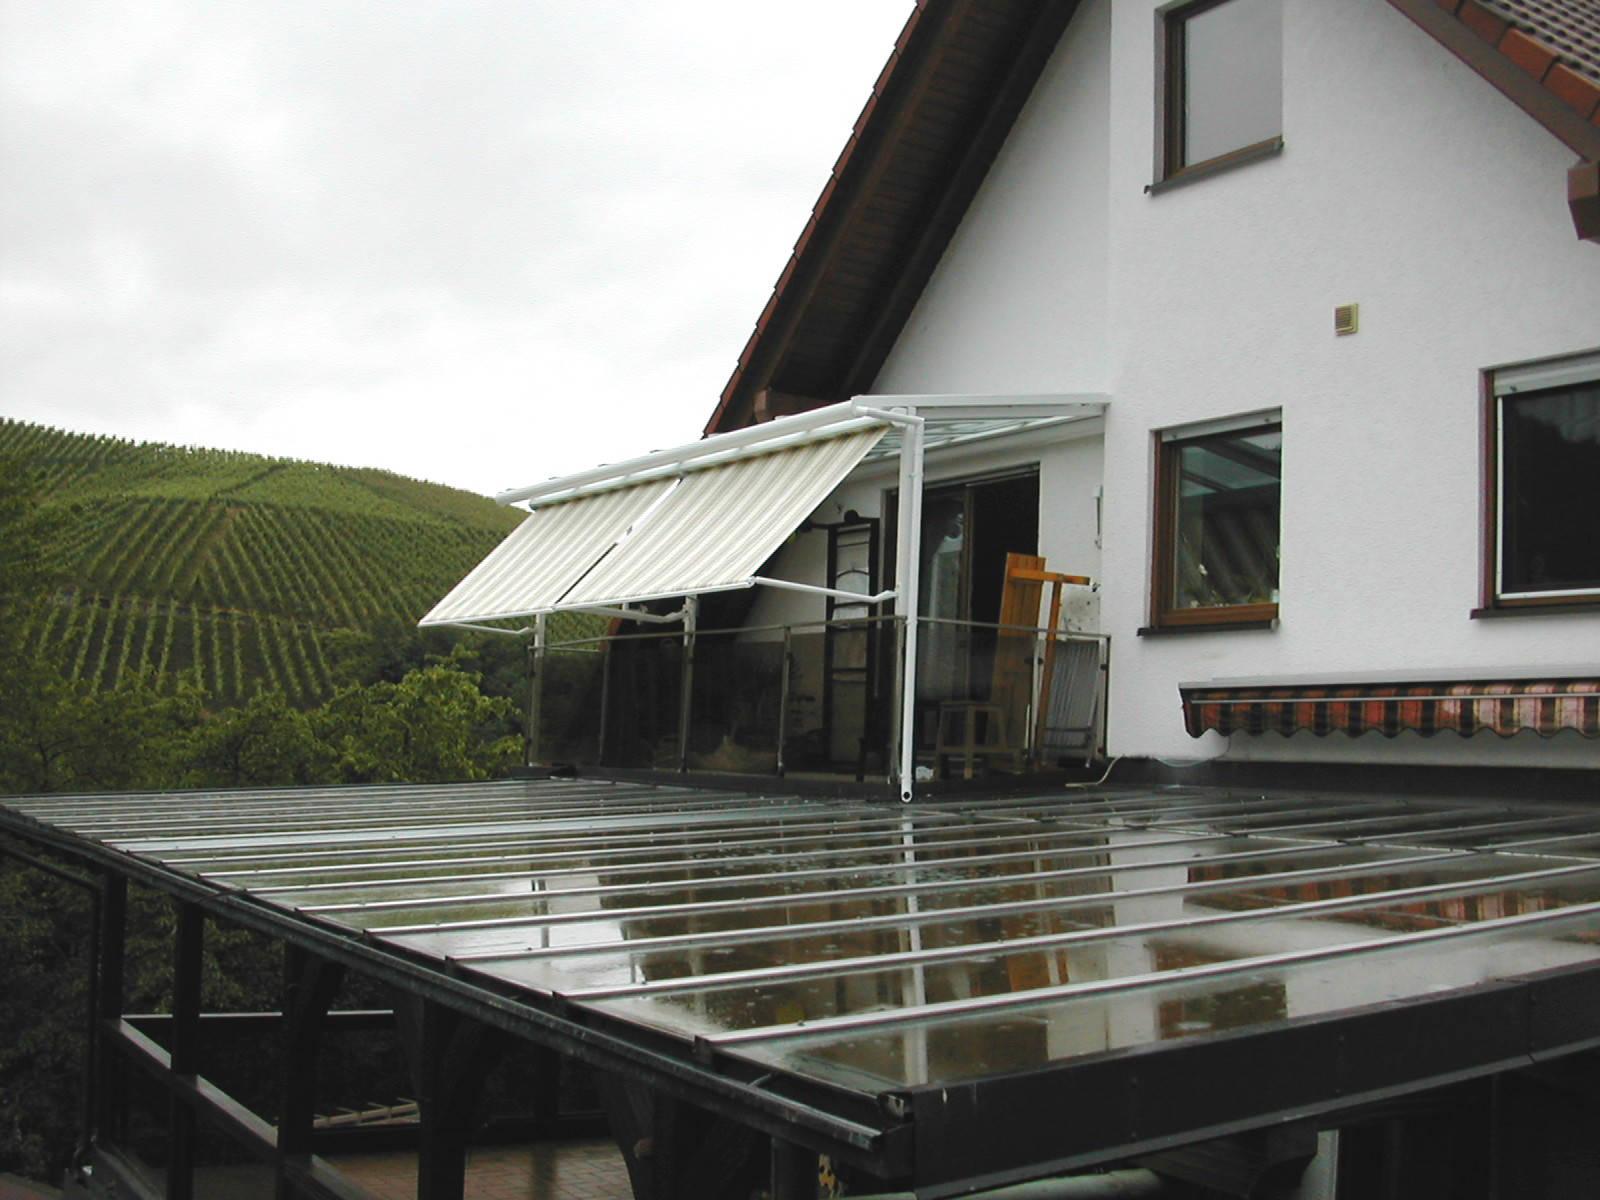 Sonnenschutz Für Balkon beste balkon sonnenschutz einzigartige ideen zum sichtschutz